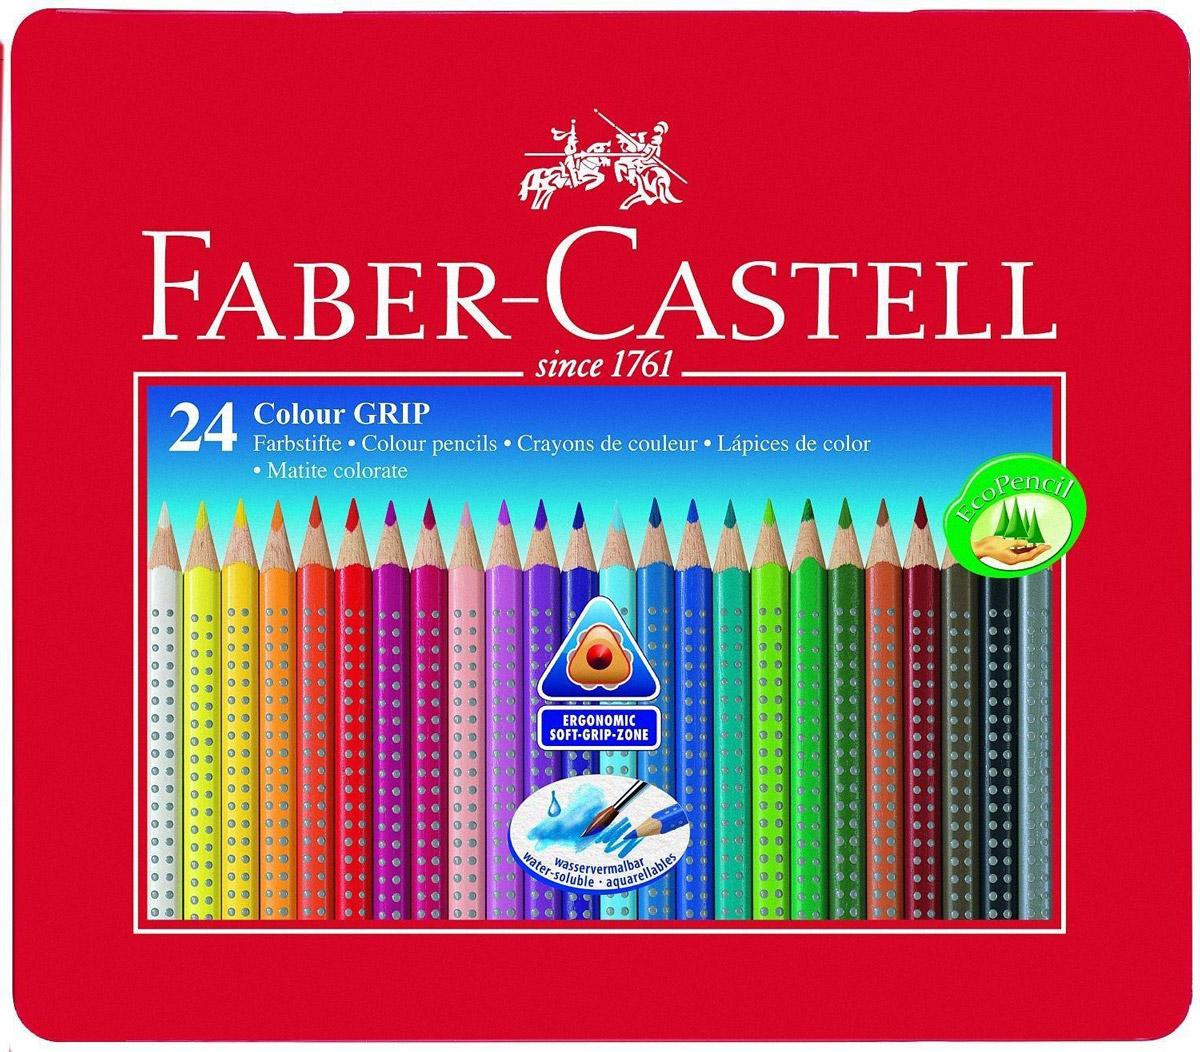 Faber-Castell Цветные карандаши Grip 24 шт112423Цветные карандаши Faber-Castell Grip станут незаменимым инструментом для начинающих и профессиональных художников. В набор входят 24 карандашей разных цветов.Особенности карандашей:запатентованная GRIP-антискользящая зона захвата с малыми массажными шашечками;яркие, насыщенные цвета; размываемый водой грифель; специальное место для имени; отстирываются с большинства обычных тканей; специальная технология вклеивания (SV)предотвращает поломку грифеля; покрыты лаком на водной основе - бережным по отношению к окружающей среде и здоровью детей; качественное, мягкое дерево - гарантия легкого затачивания при помощи стандартных точилок; эргономичная трехгранная форма.Набор цветных карандашей - это практичный художественный инструмент, который поможет вам в создании самых выразительных произведений.